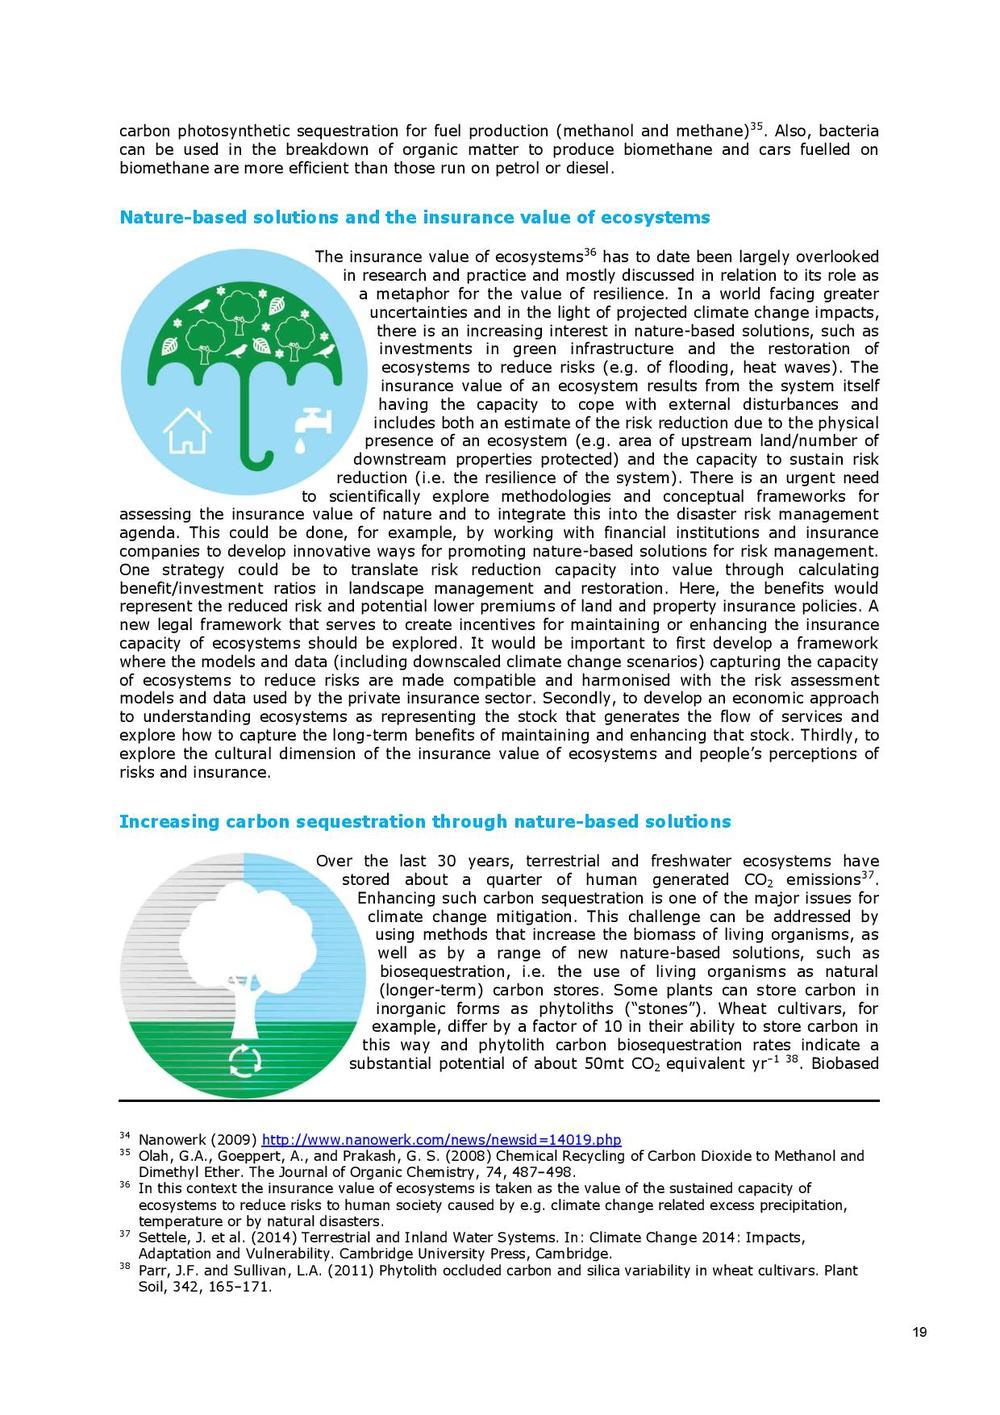 DG RTD_WEB-Publication A4_NBS_long_version_20150310-page-021.jpg